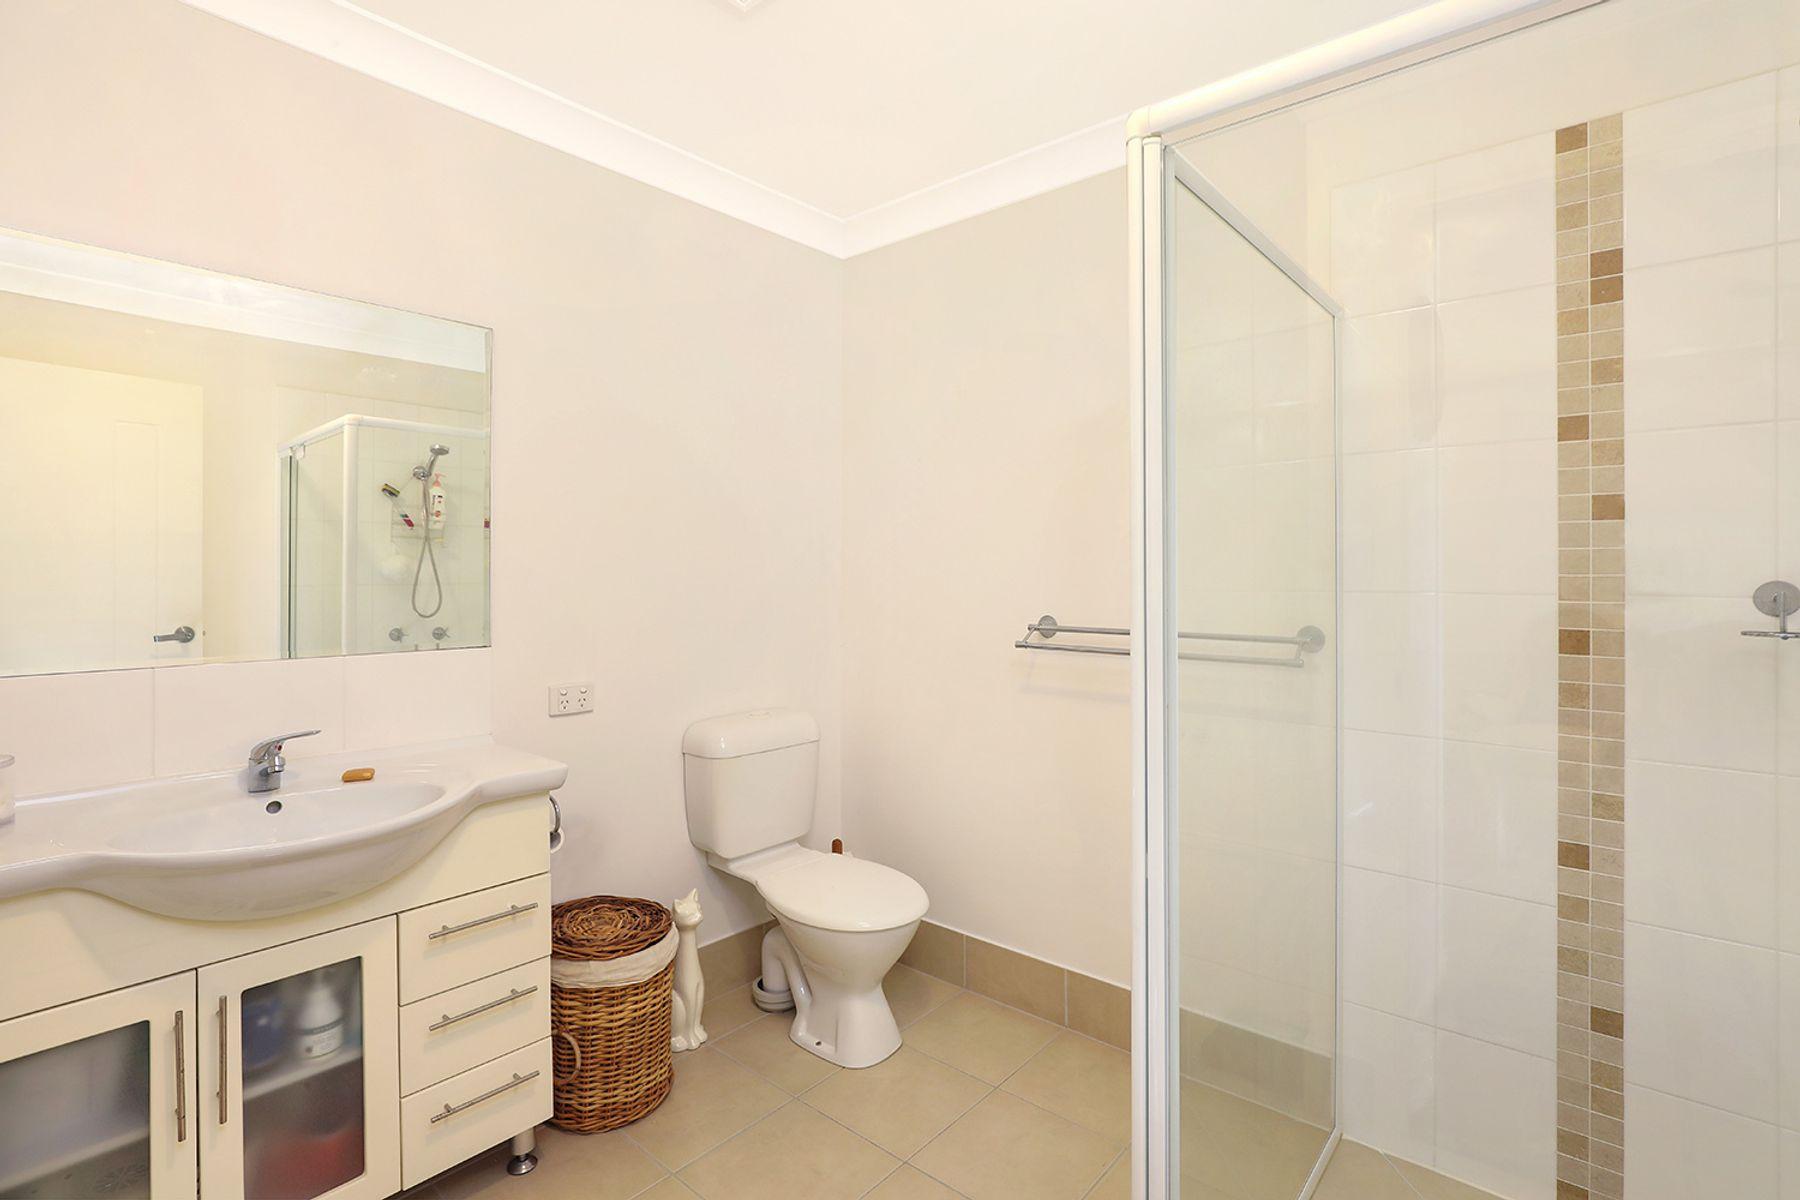 6/66 Carter Road, Nambour, QLD 4560